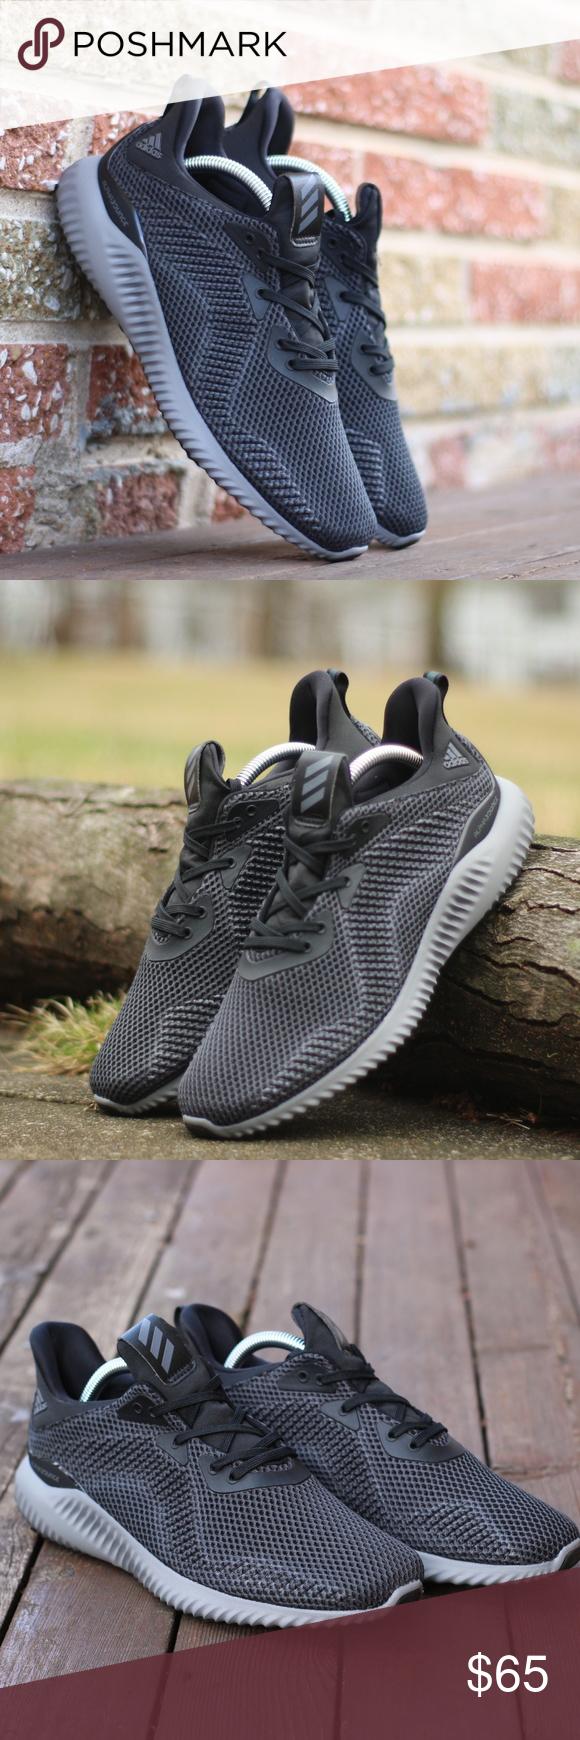 Adidas  mujer 's tamaño 9 AlphaBounce zapatos atléticos cg5400 Boutique